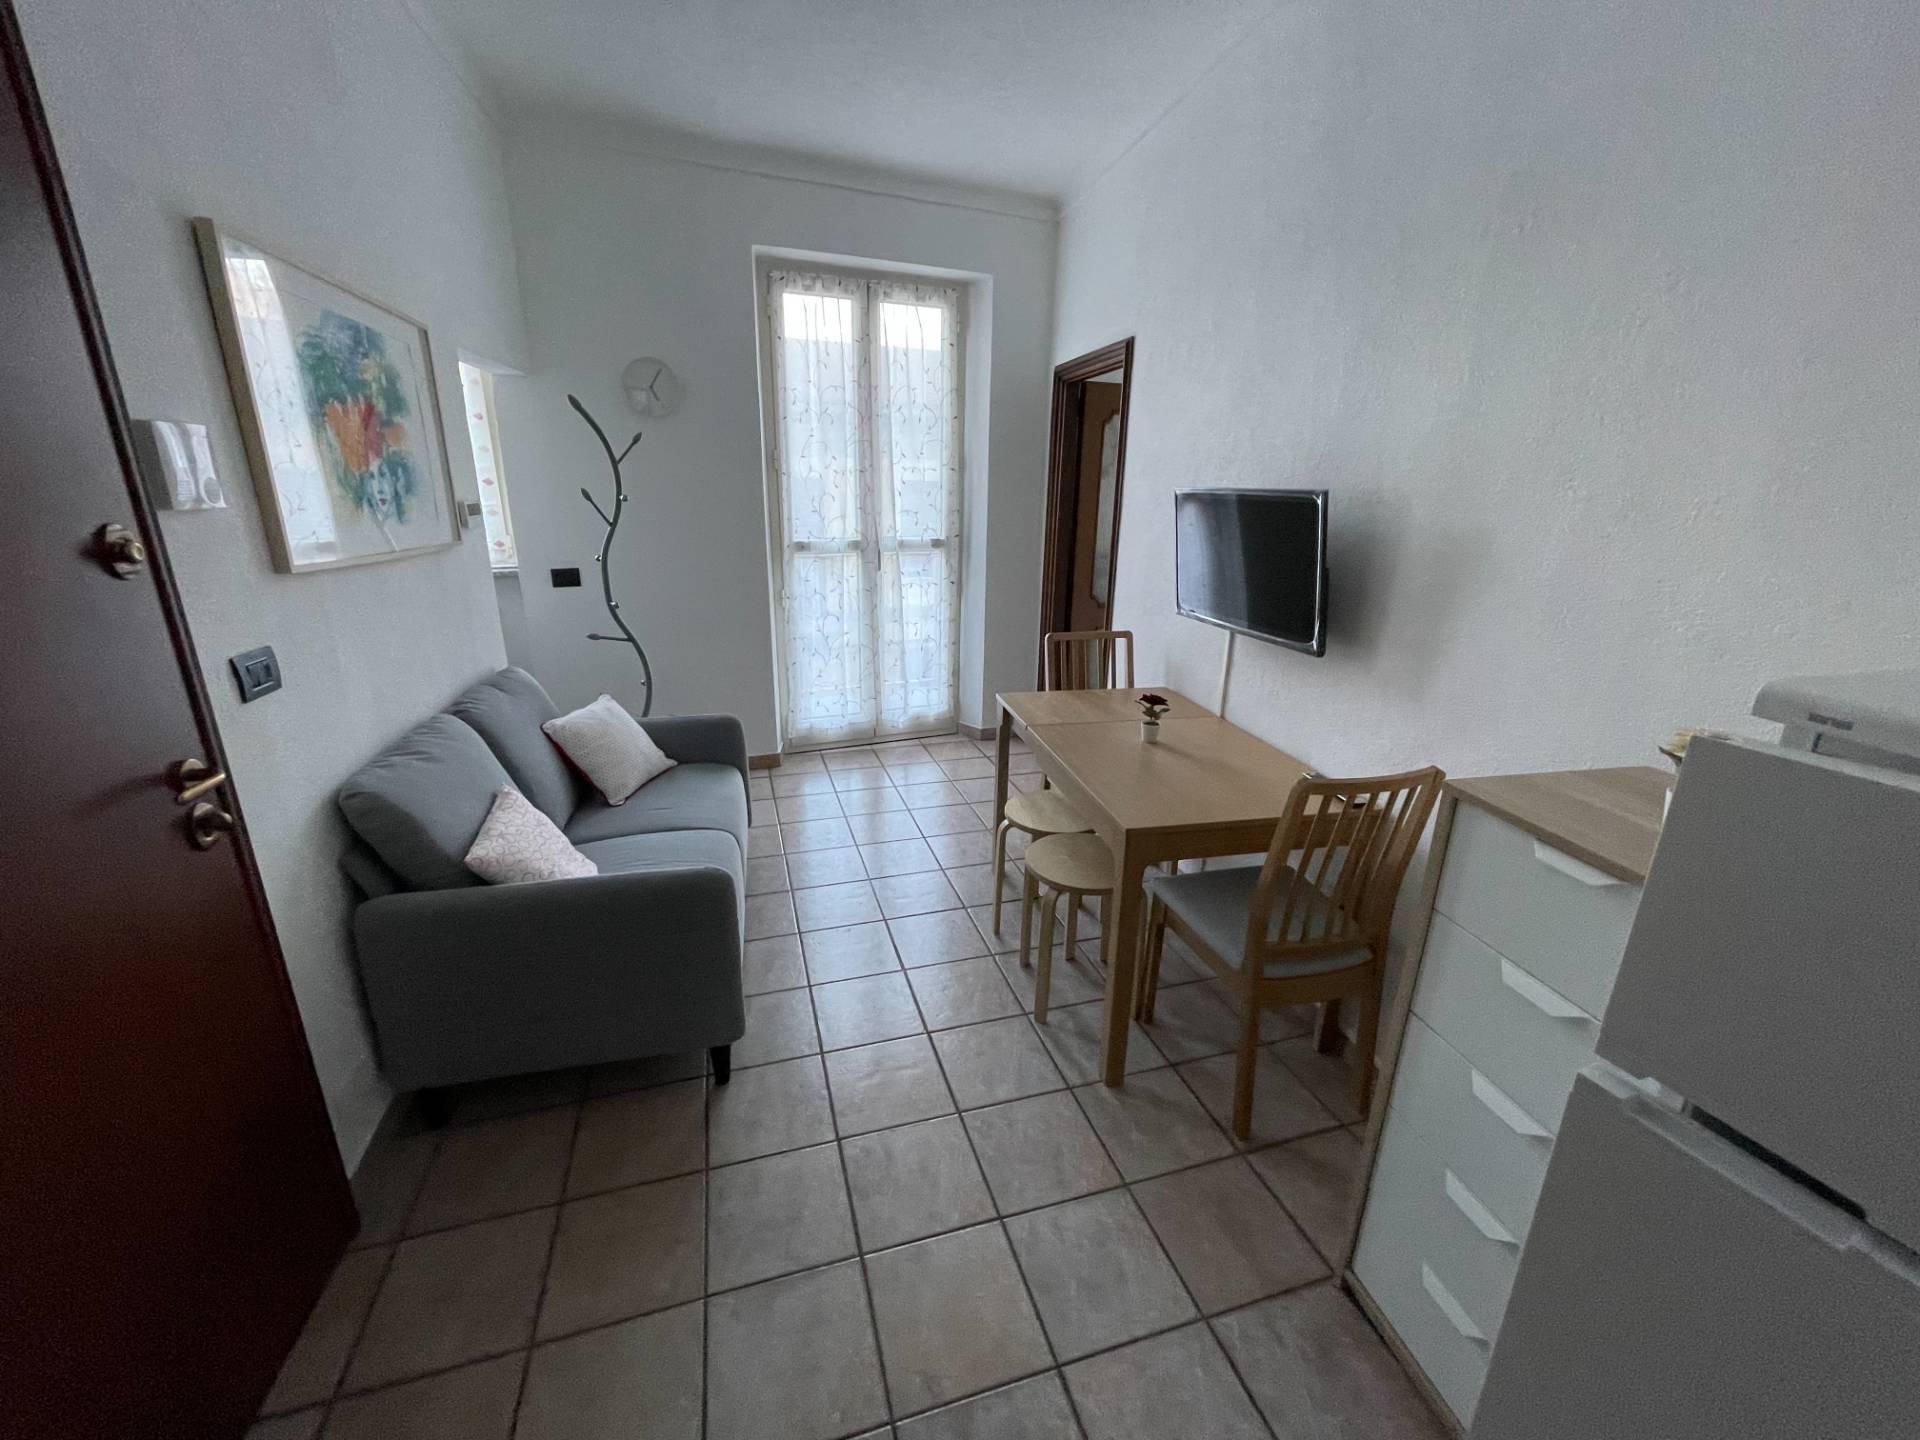 Appartamento in affitto a Mondovi' Breo, Mondovì (CN)